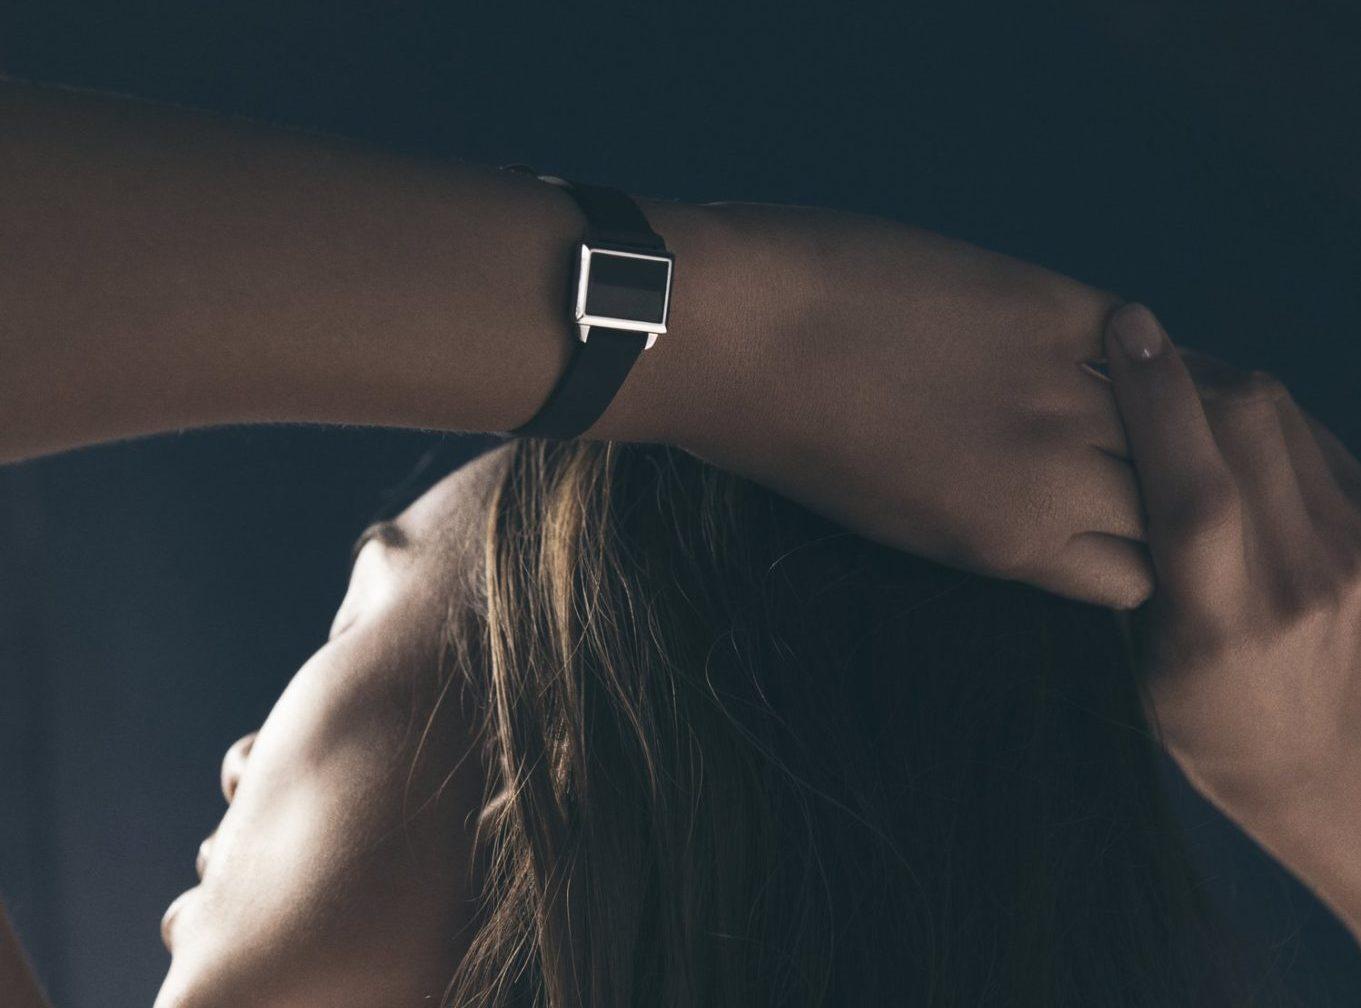 altruis x smart bracelet a personalized coach for both body and mind 2 - Altruis X Smart Bracelet, a personalized coach for both body and mind